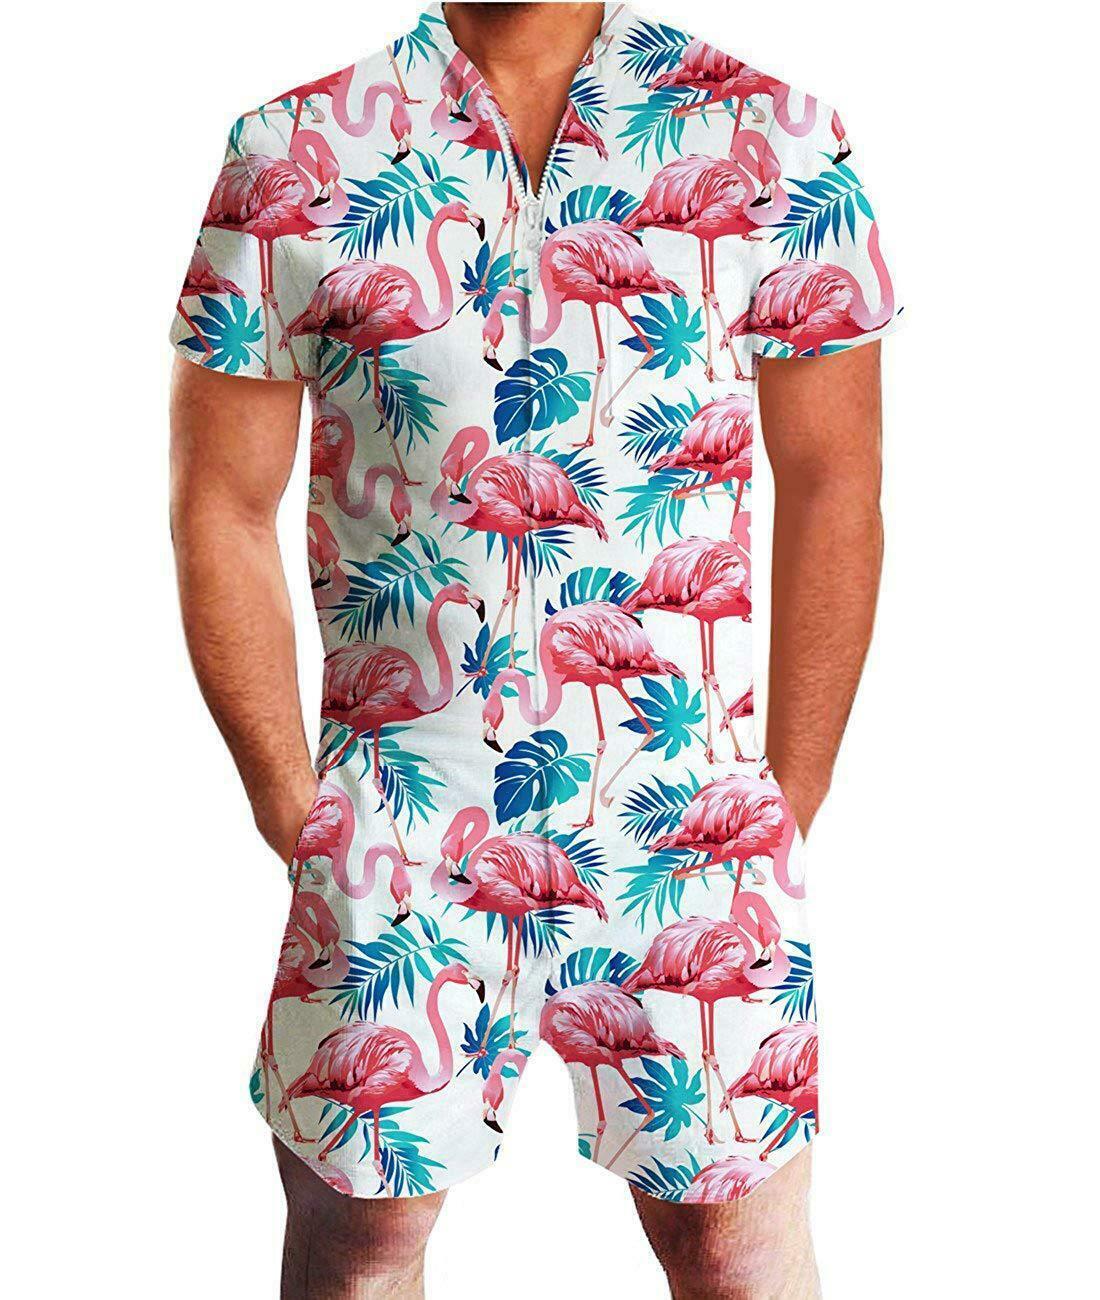 Men 2020 Rompers Short Sleeve Street One Piece Zipper Romper Beach Casual Cargo Pants Jumpsuit Overall Shirt T-Shirt Shorts Set